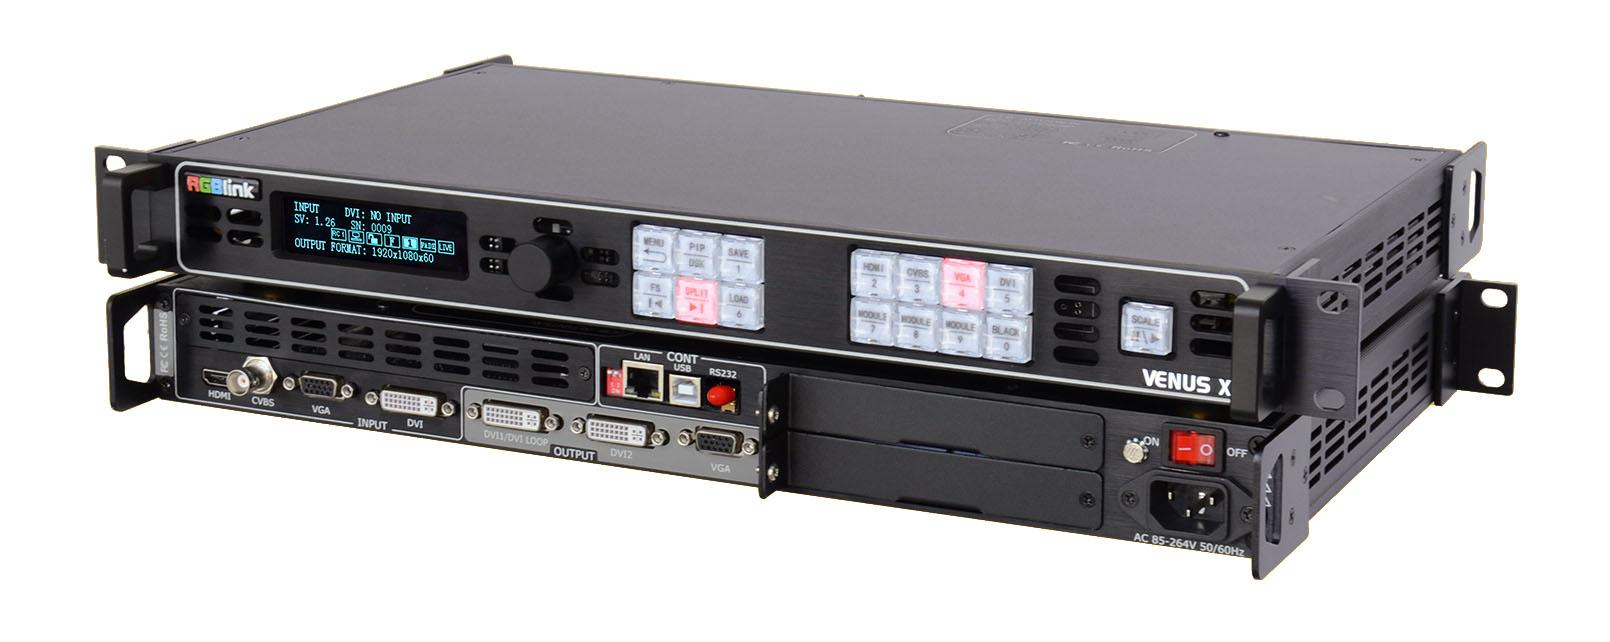 Artikelfoto 1 RGBLink VENUS X1 Switcher Scaler und Konverter